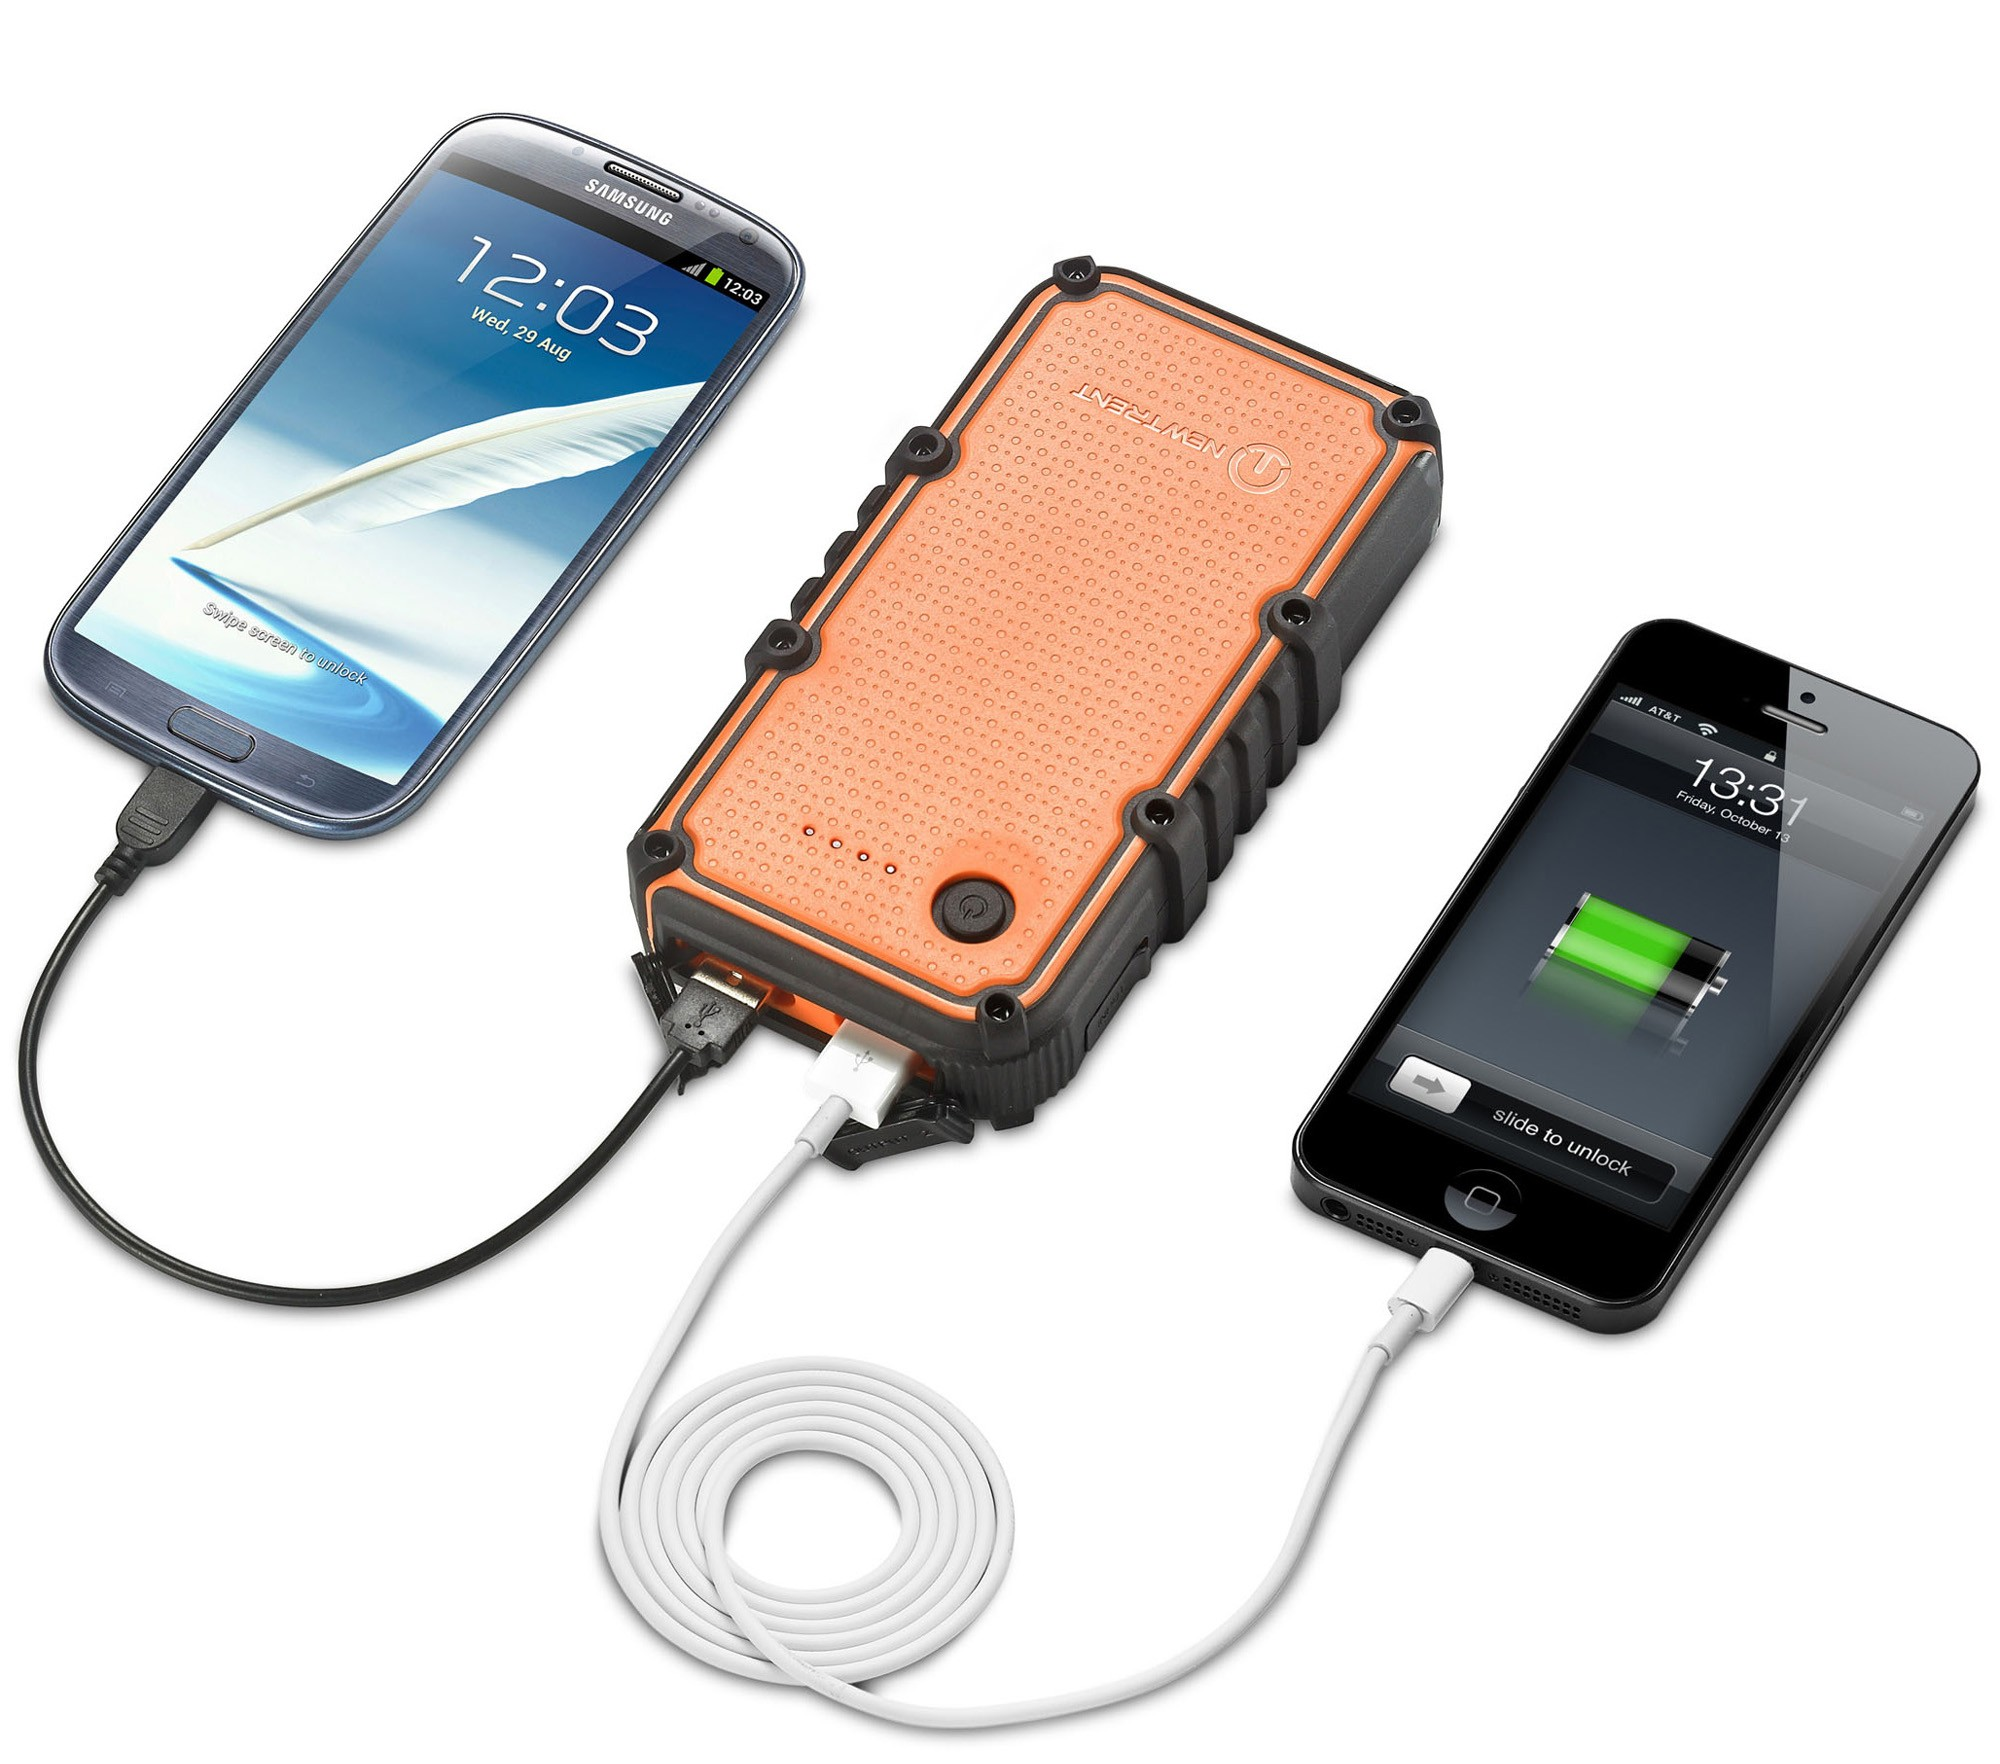 portativnaya-batareya-powerpak-ultra-zaryadit-vash-iphone-do-6-raz-obzor